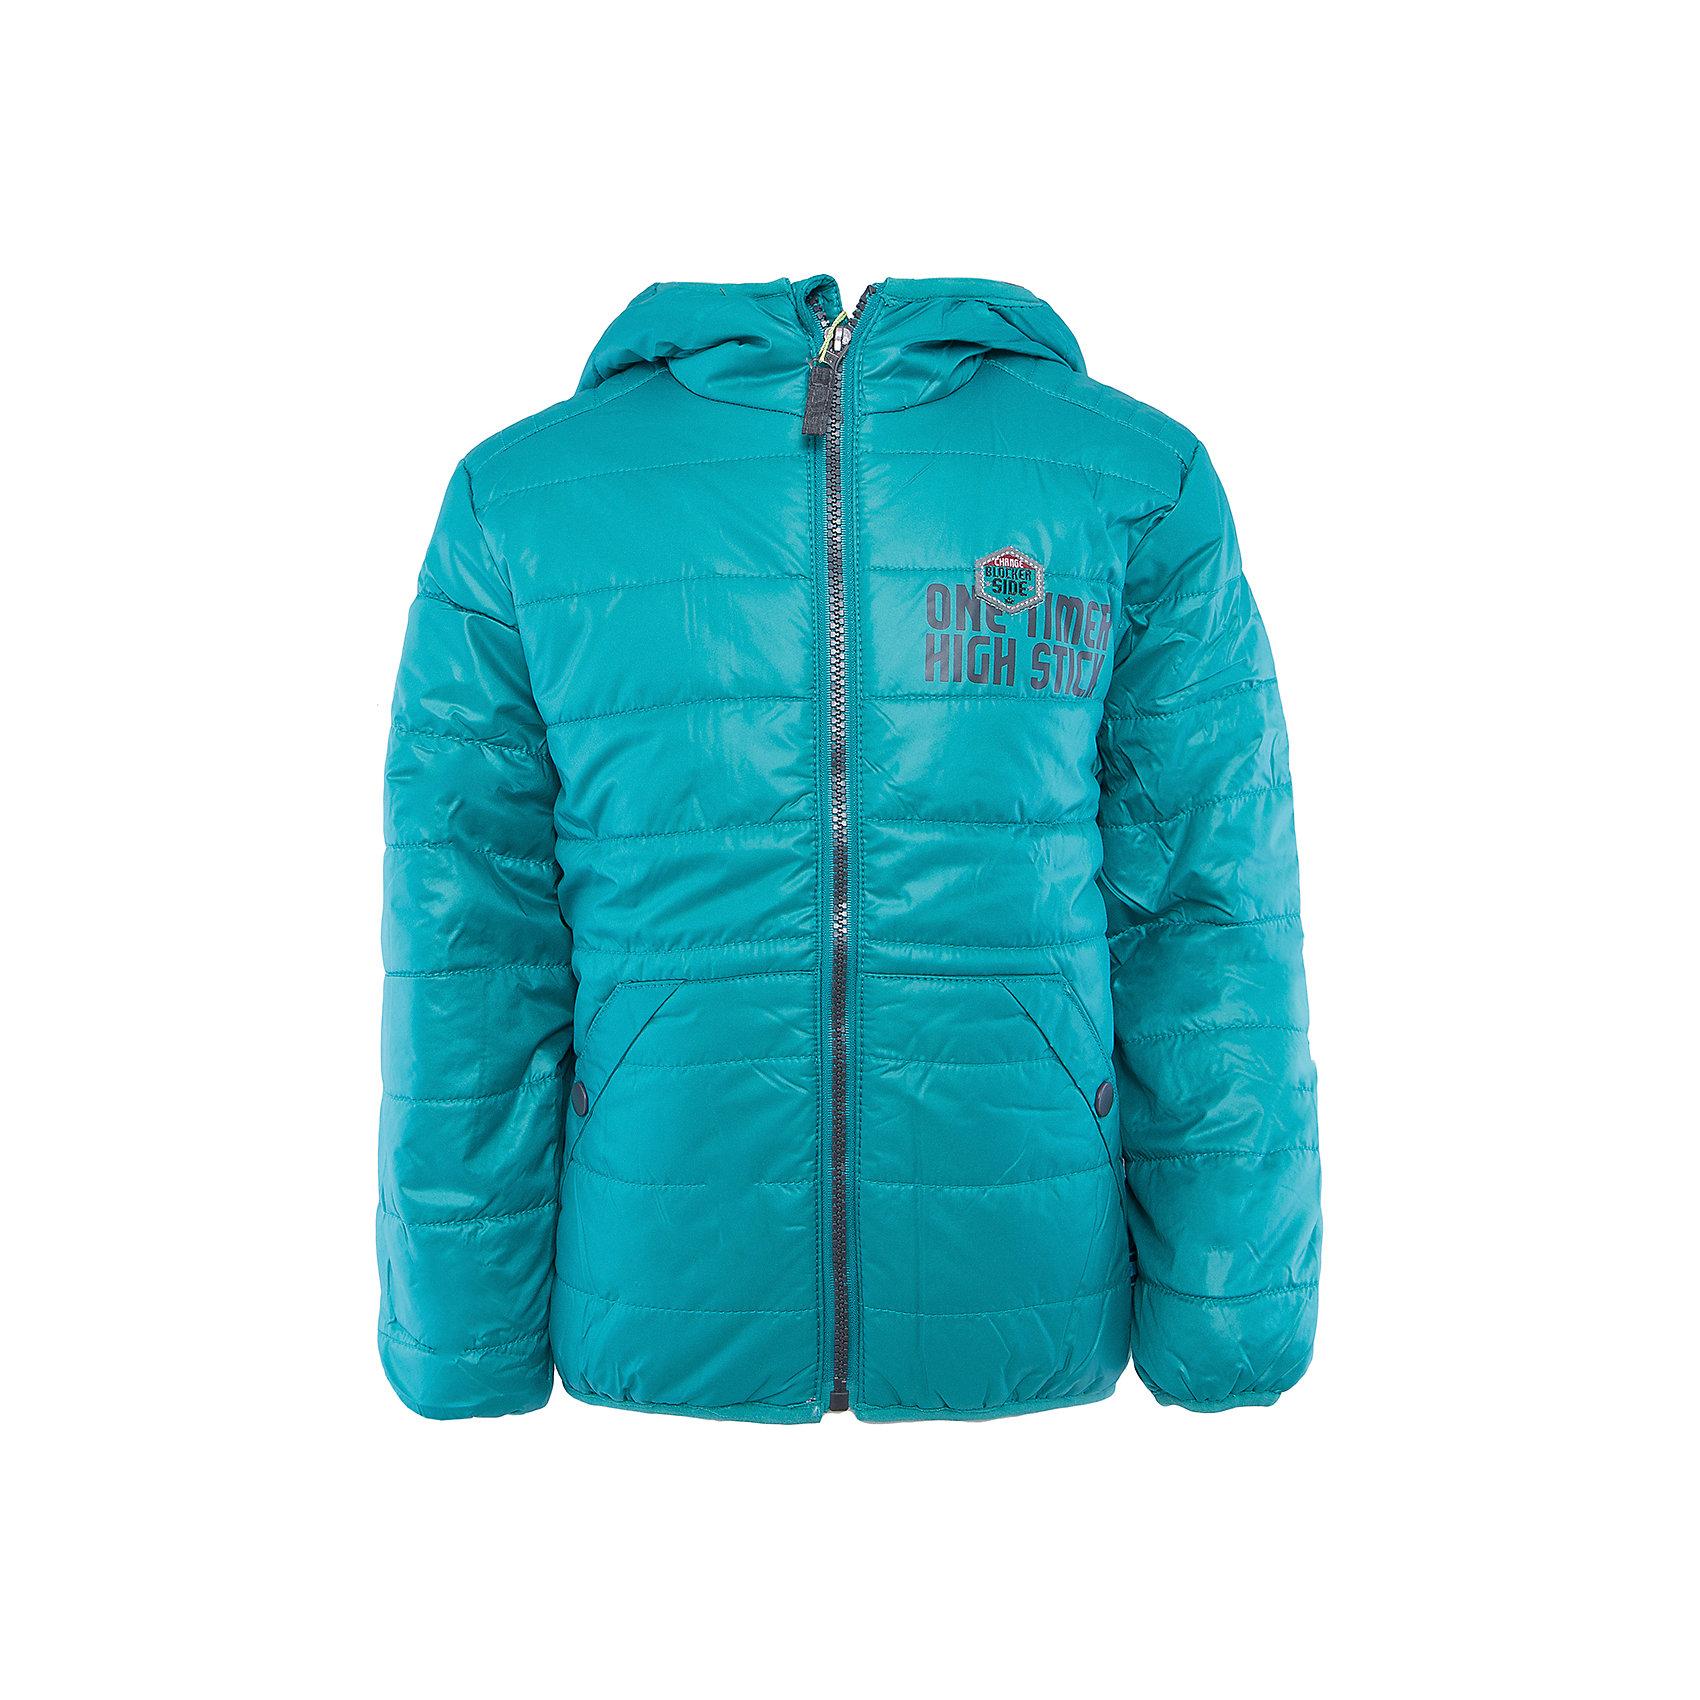 Куртка для мальчика Sweet BerryКуртка для мальчика.<br><br>Температурный режим: до -5 градусов. Степень утепления – низкая. <br><br>* Температурный режим указан приблизительно — необходимо, прежде всего, ориентироваться на ощущения ребенка. Температурный режим работает в случае соблюдения правила многослойности – использования флисовой поддевы и термобелья.<br><br>Такая модель куртки для мальчика отличается модным дизайном. Удачный крой обеспечит ребенку комфорт и тепло. Флисовая подкладка делает вещь идеальной для прохладной погоды. Она плотно прилегает к телу там, где нужно, и отлично сидит по фигуре. Декорирована модель пиринтом на груди.<br>Одежда от бренда Sweet Berry - это простой и выгодный способ одеть ребенка удобно и стильно. Всё изделия тщательно проработаны: швы - прочные, материал - качественный, фурнитура - подобранная специально для детей. <br><br>Дополнительная информация:<br><br>цвет: голубой;<br>капюшон;<br>материал: верх, подкладка, наполнитель - 100% полиэстер;<br>застежка: молния;<br>карманы на кнопках.<br><br>Куртку для мальчика от бренда Sweet Berry можно купить в нашем интернет-магазине.<br><br>Ширина мм: 356<br>Глубина мм: 10<br>Высота мм: 245<br>Вес г: 519<br>Цвет: голубой<br>Возраст от месяцев: 36<br>Возраст до месяцев: 48<br>Пол: Мужской<br>Возраст: Детский<br>Размер: 104,98,128,122,116,110<br>SKU: 4930002